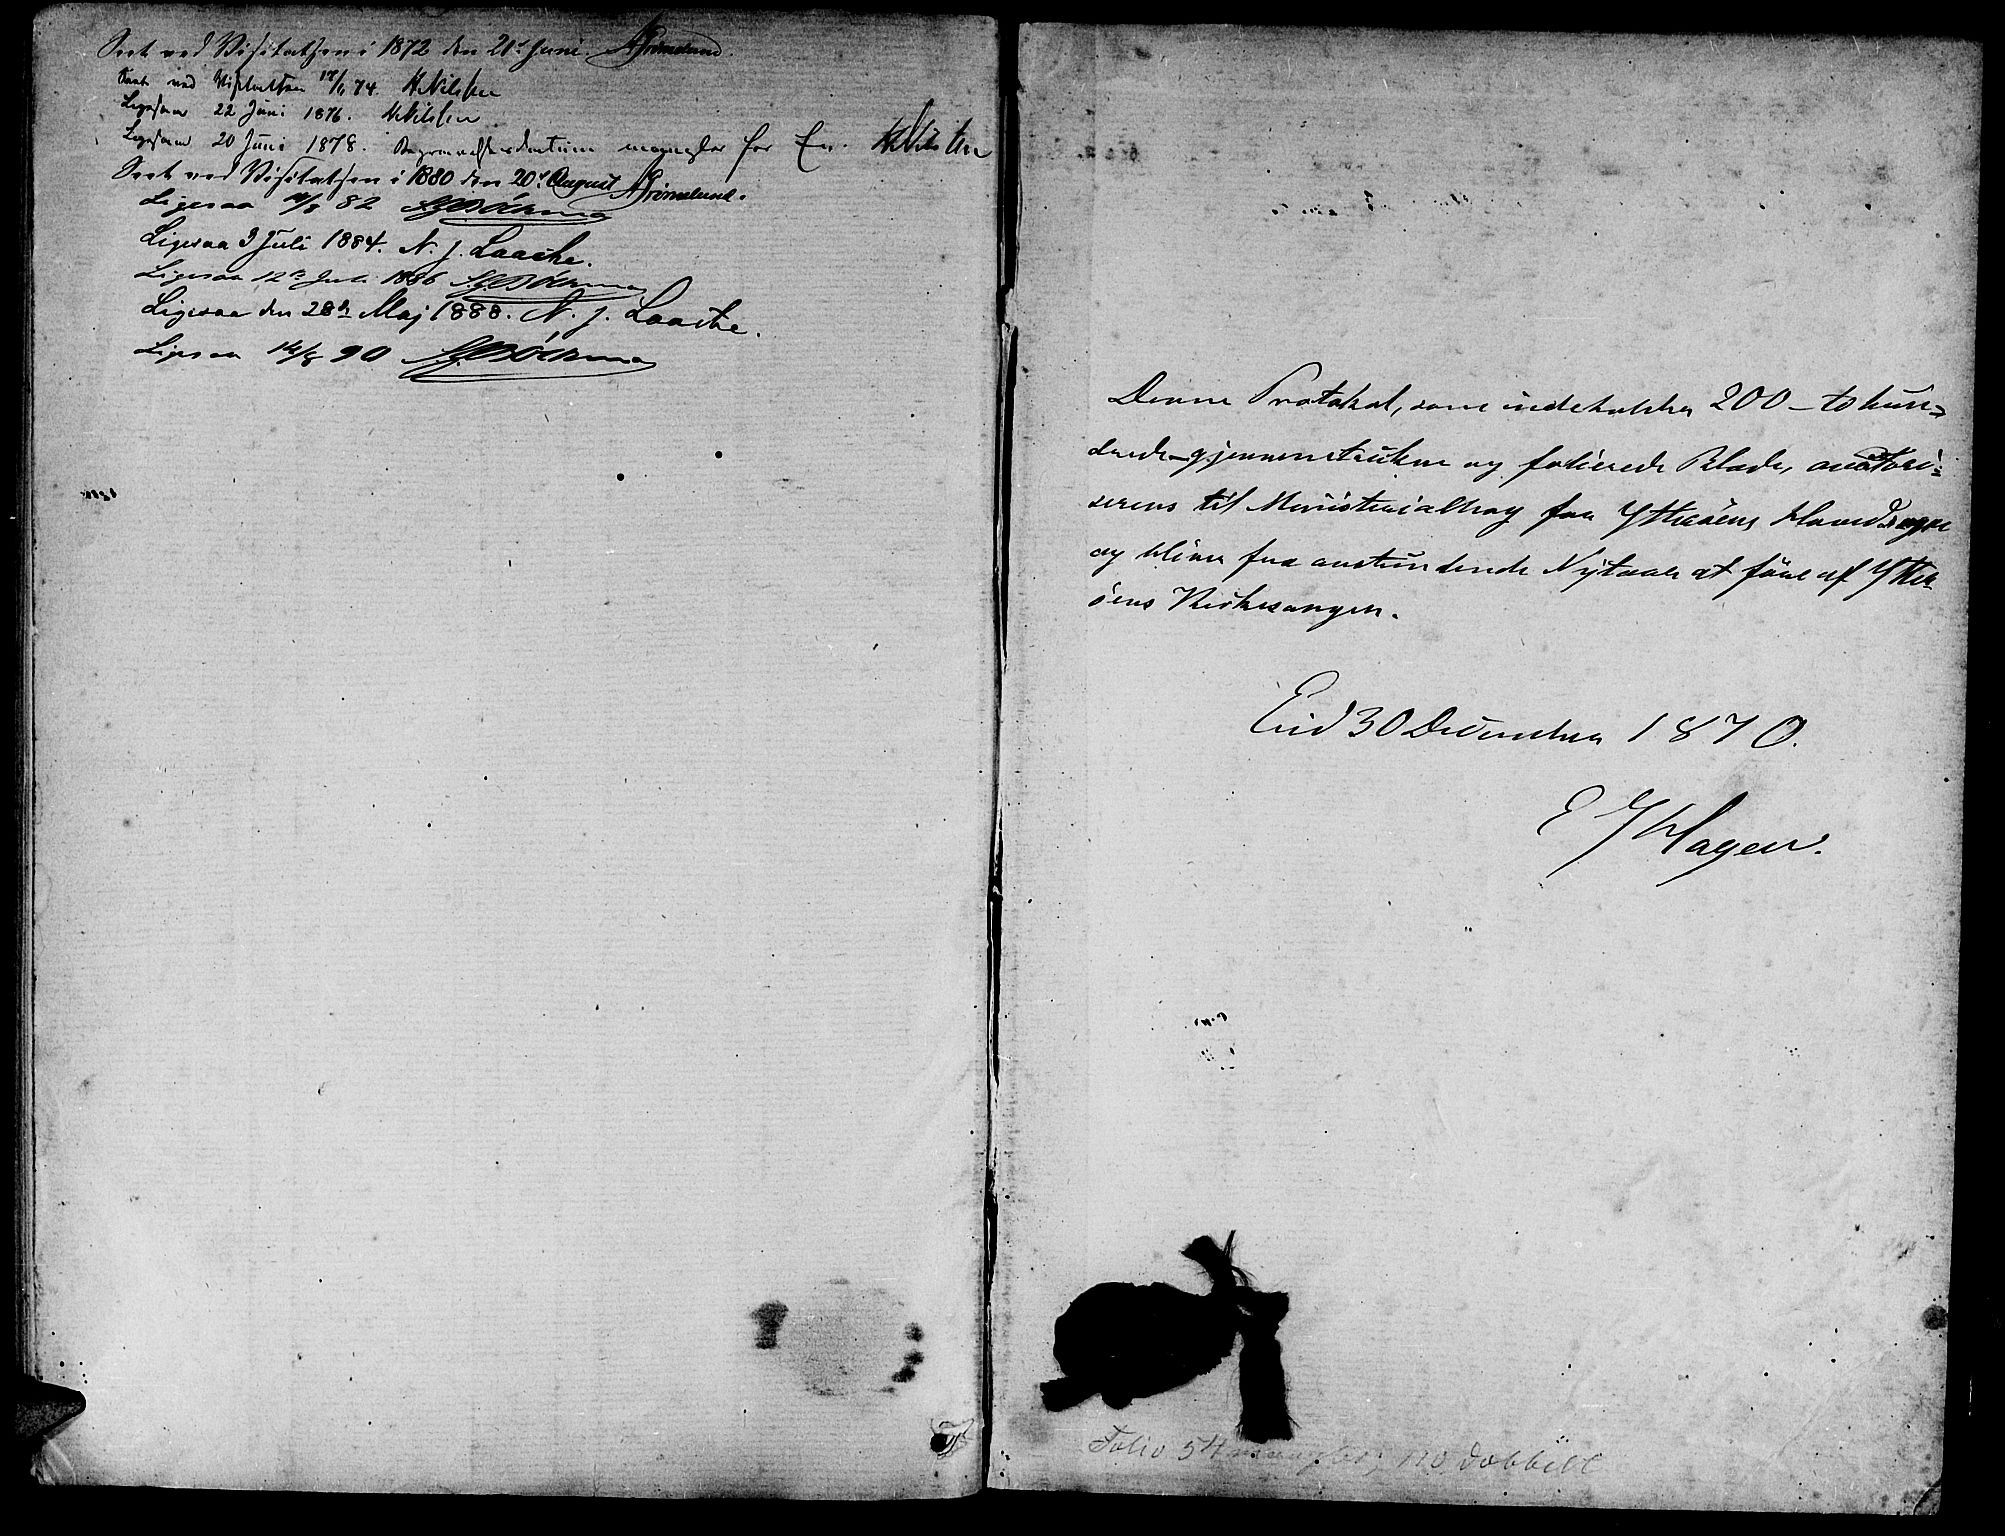 SAT, Ministerialprotokoller, klokkerbøker og fødselsregistre - Nord-Trøndelag, 722/L0225: Klokkerbok nr. 722C01, 1871-1888